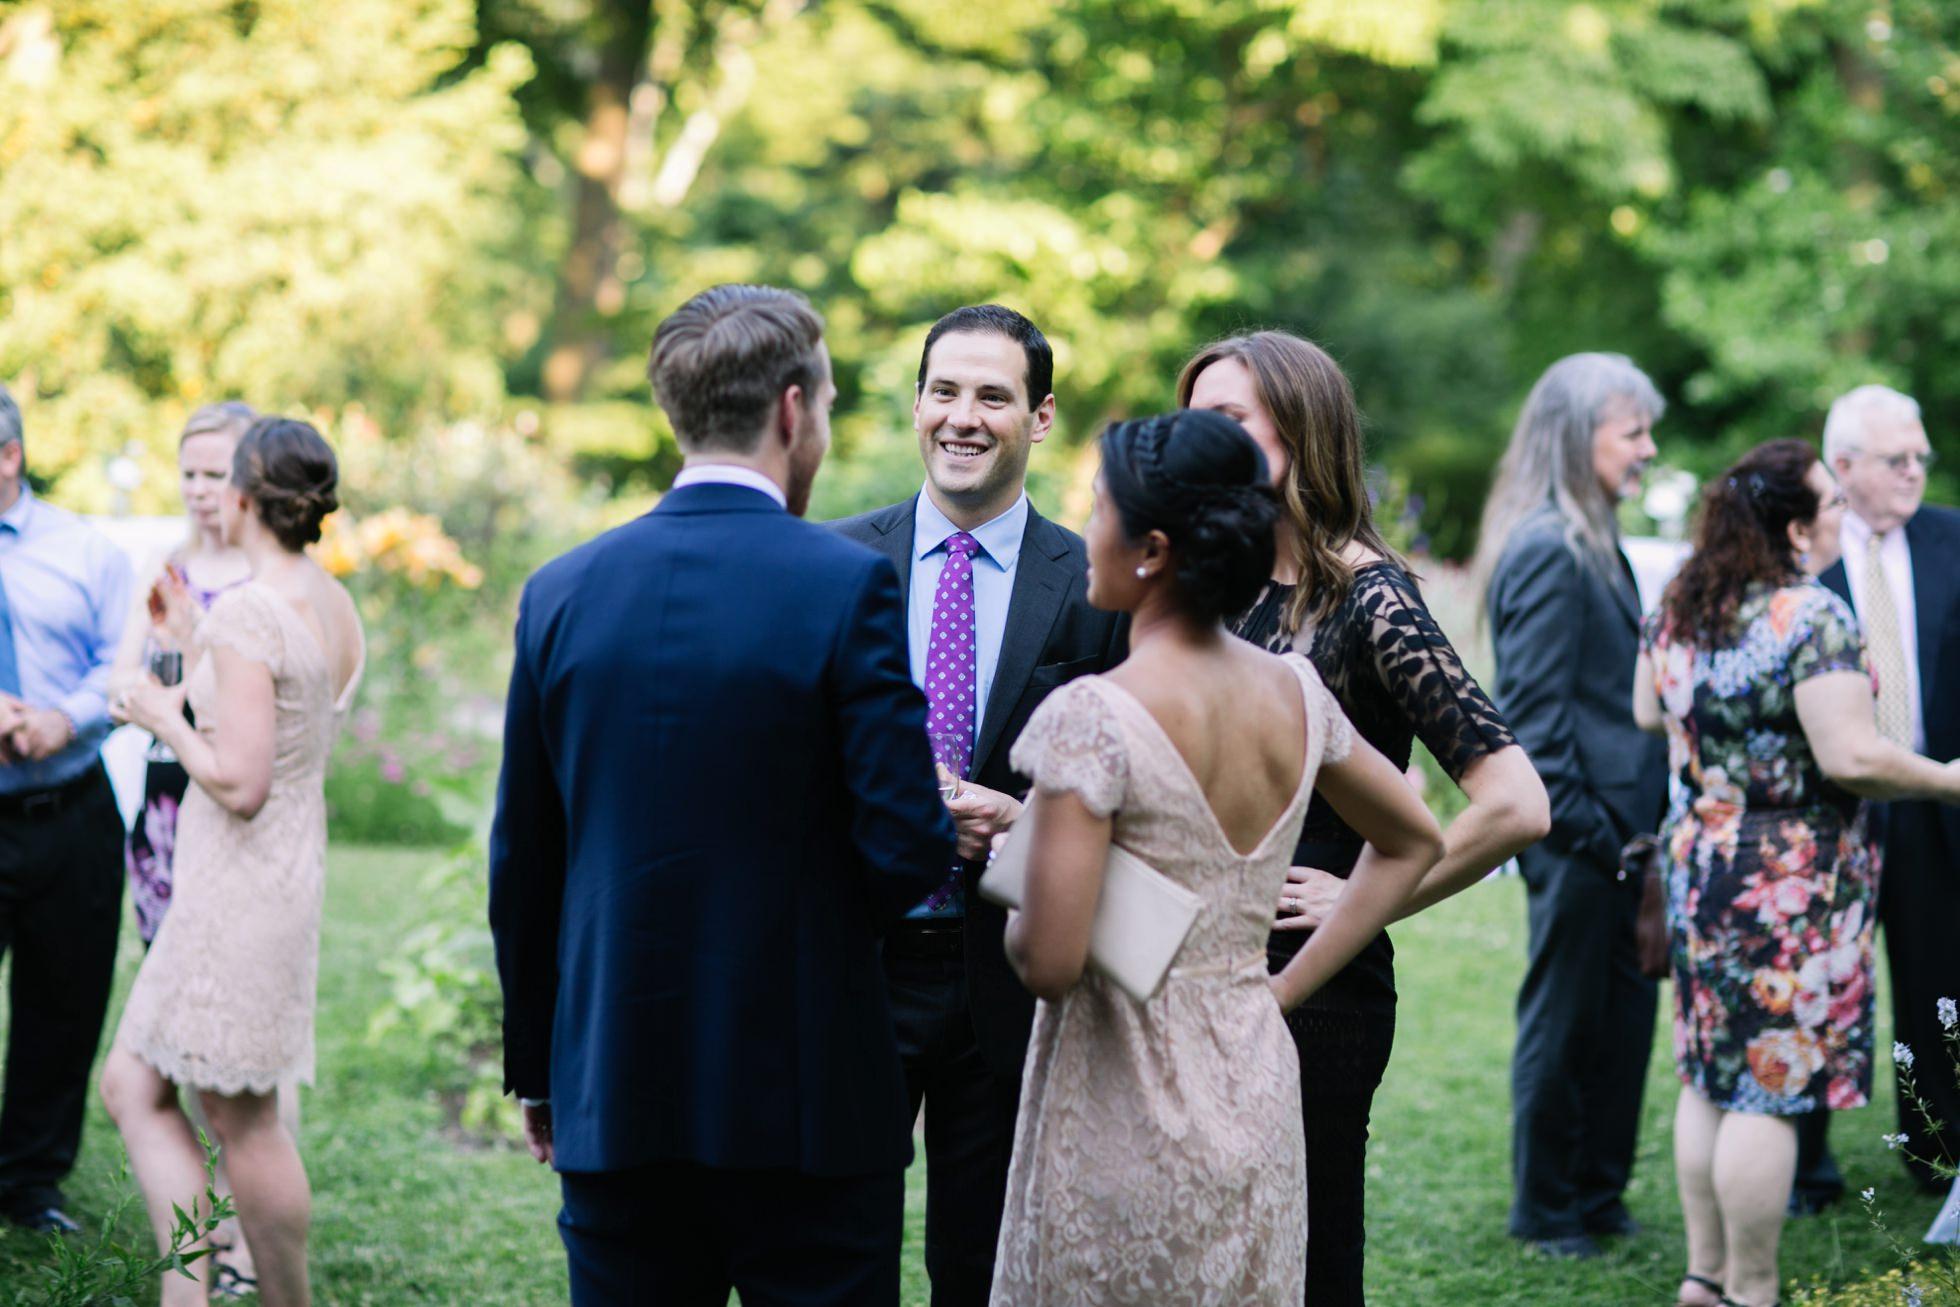 Romantic Bartram's Garden Outdoor Summer Wedding, Philadelphia | brittneyraine.com 067